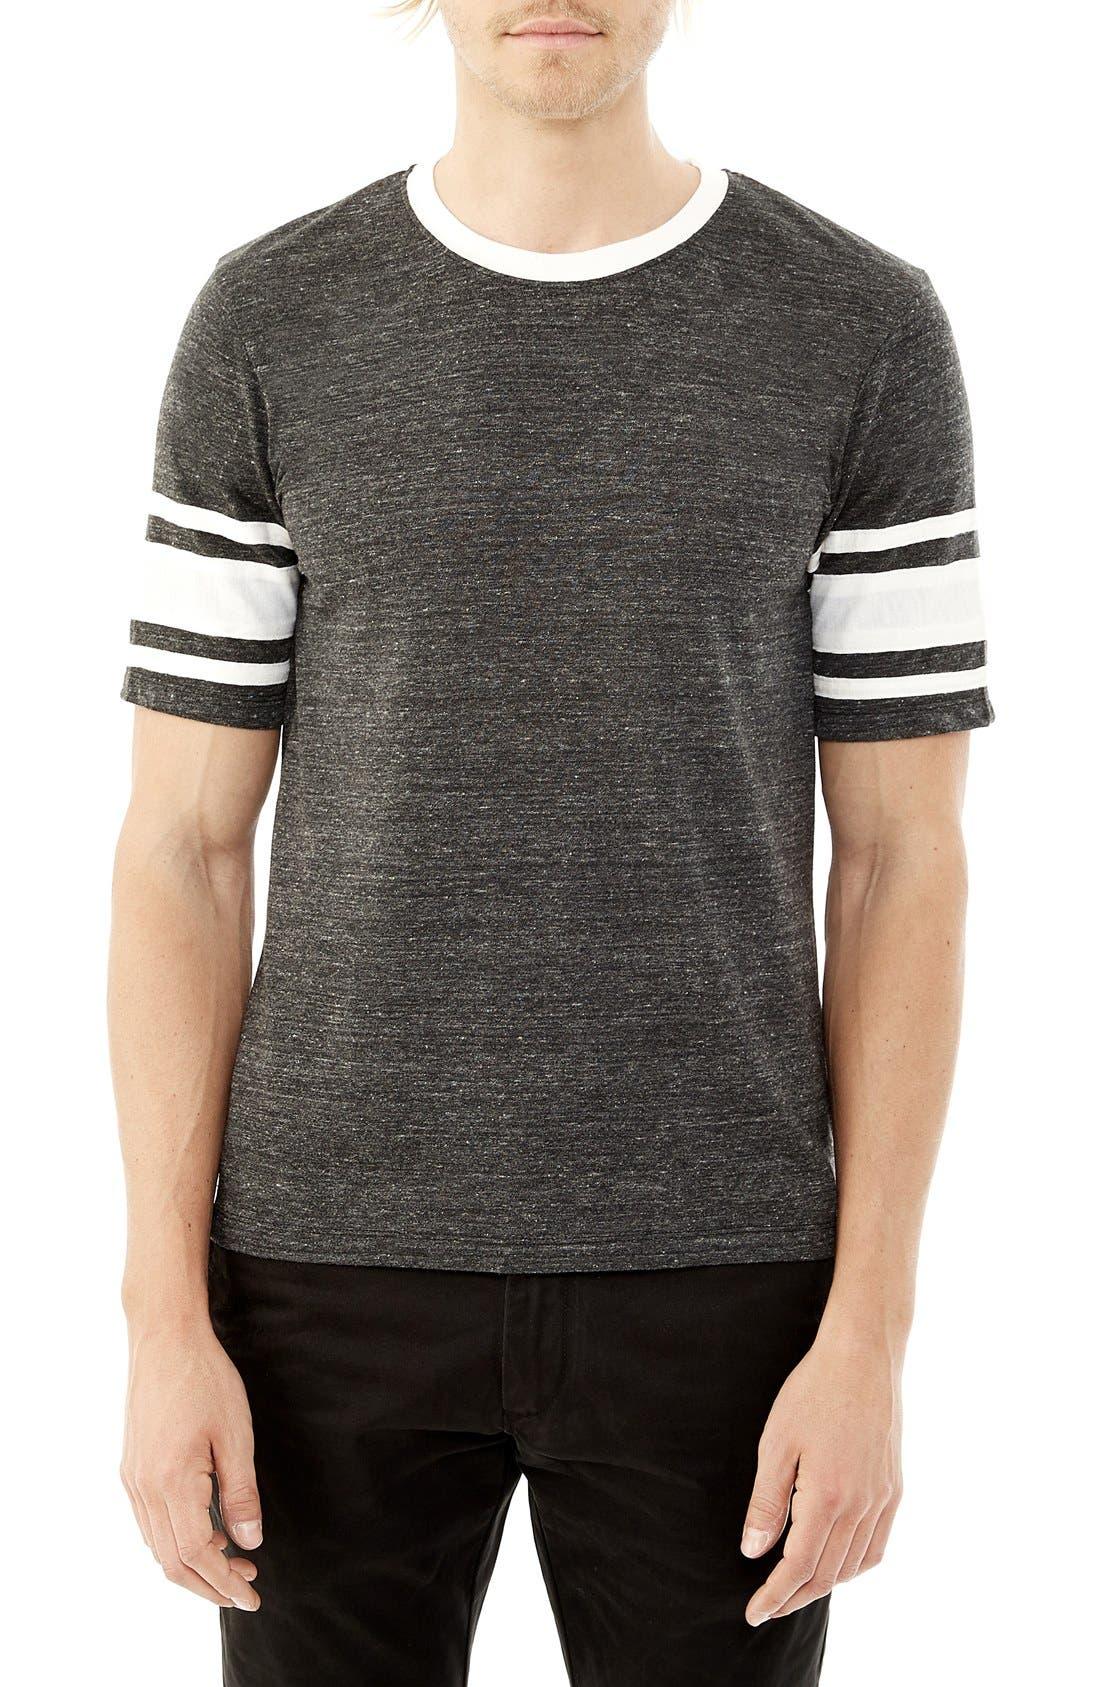 Alternative 'Touchdown' Football T-Shirt